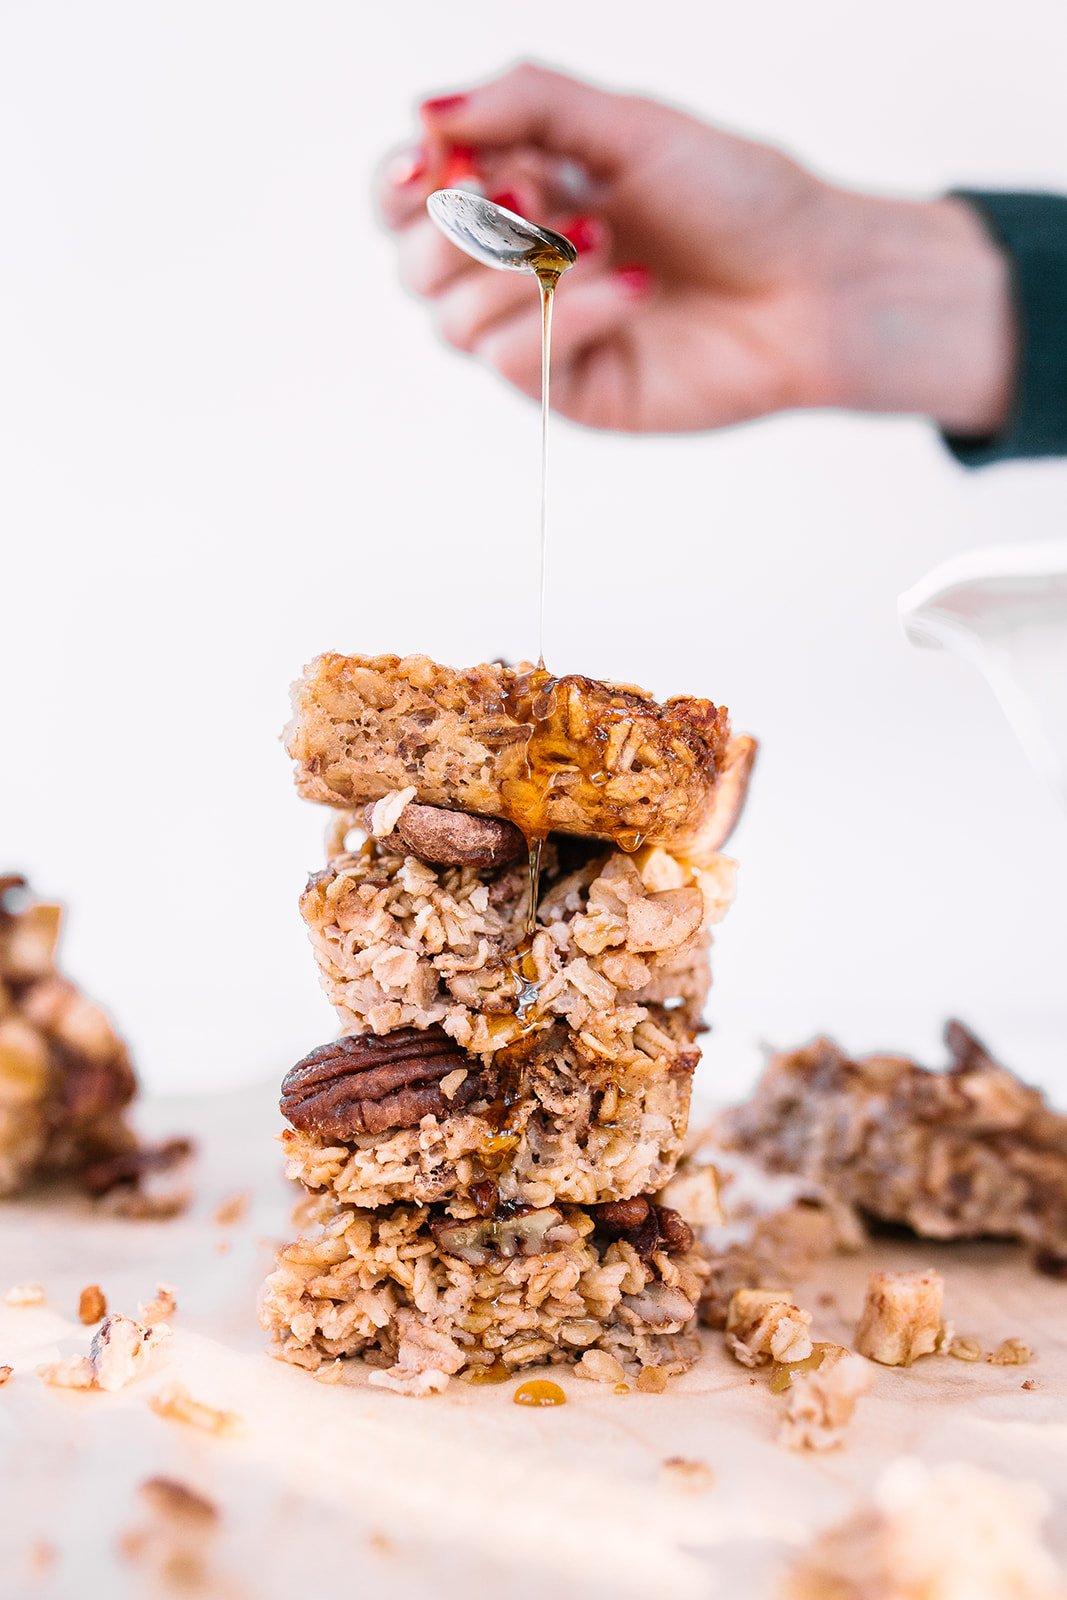 Gluten-free oatmeal breakfast bake